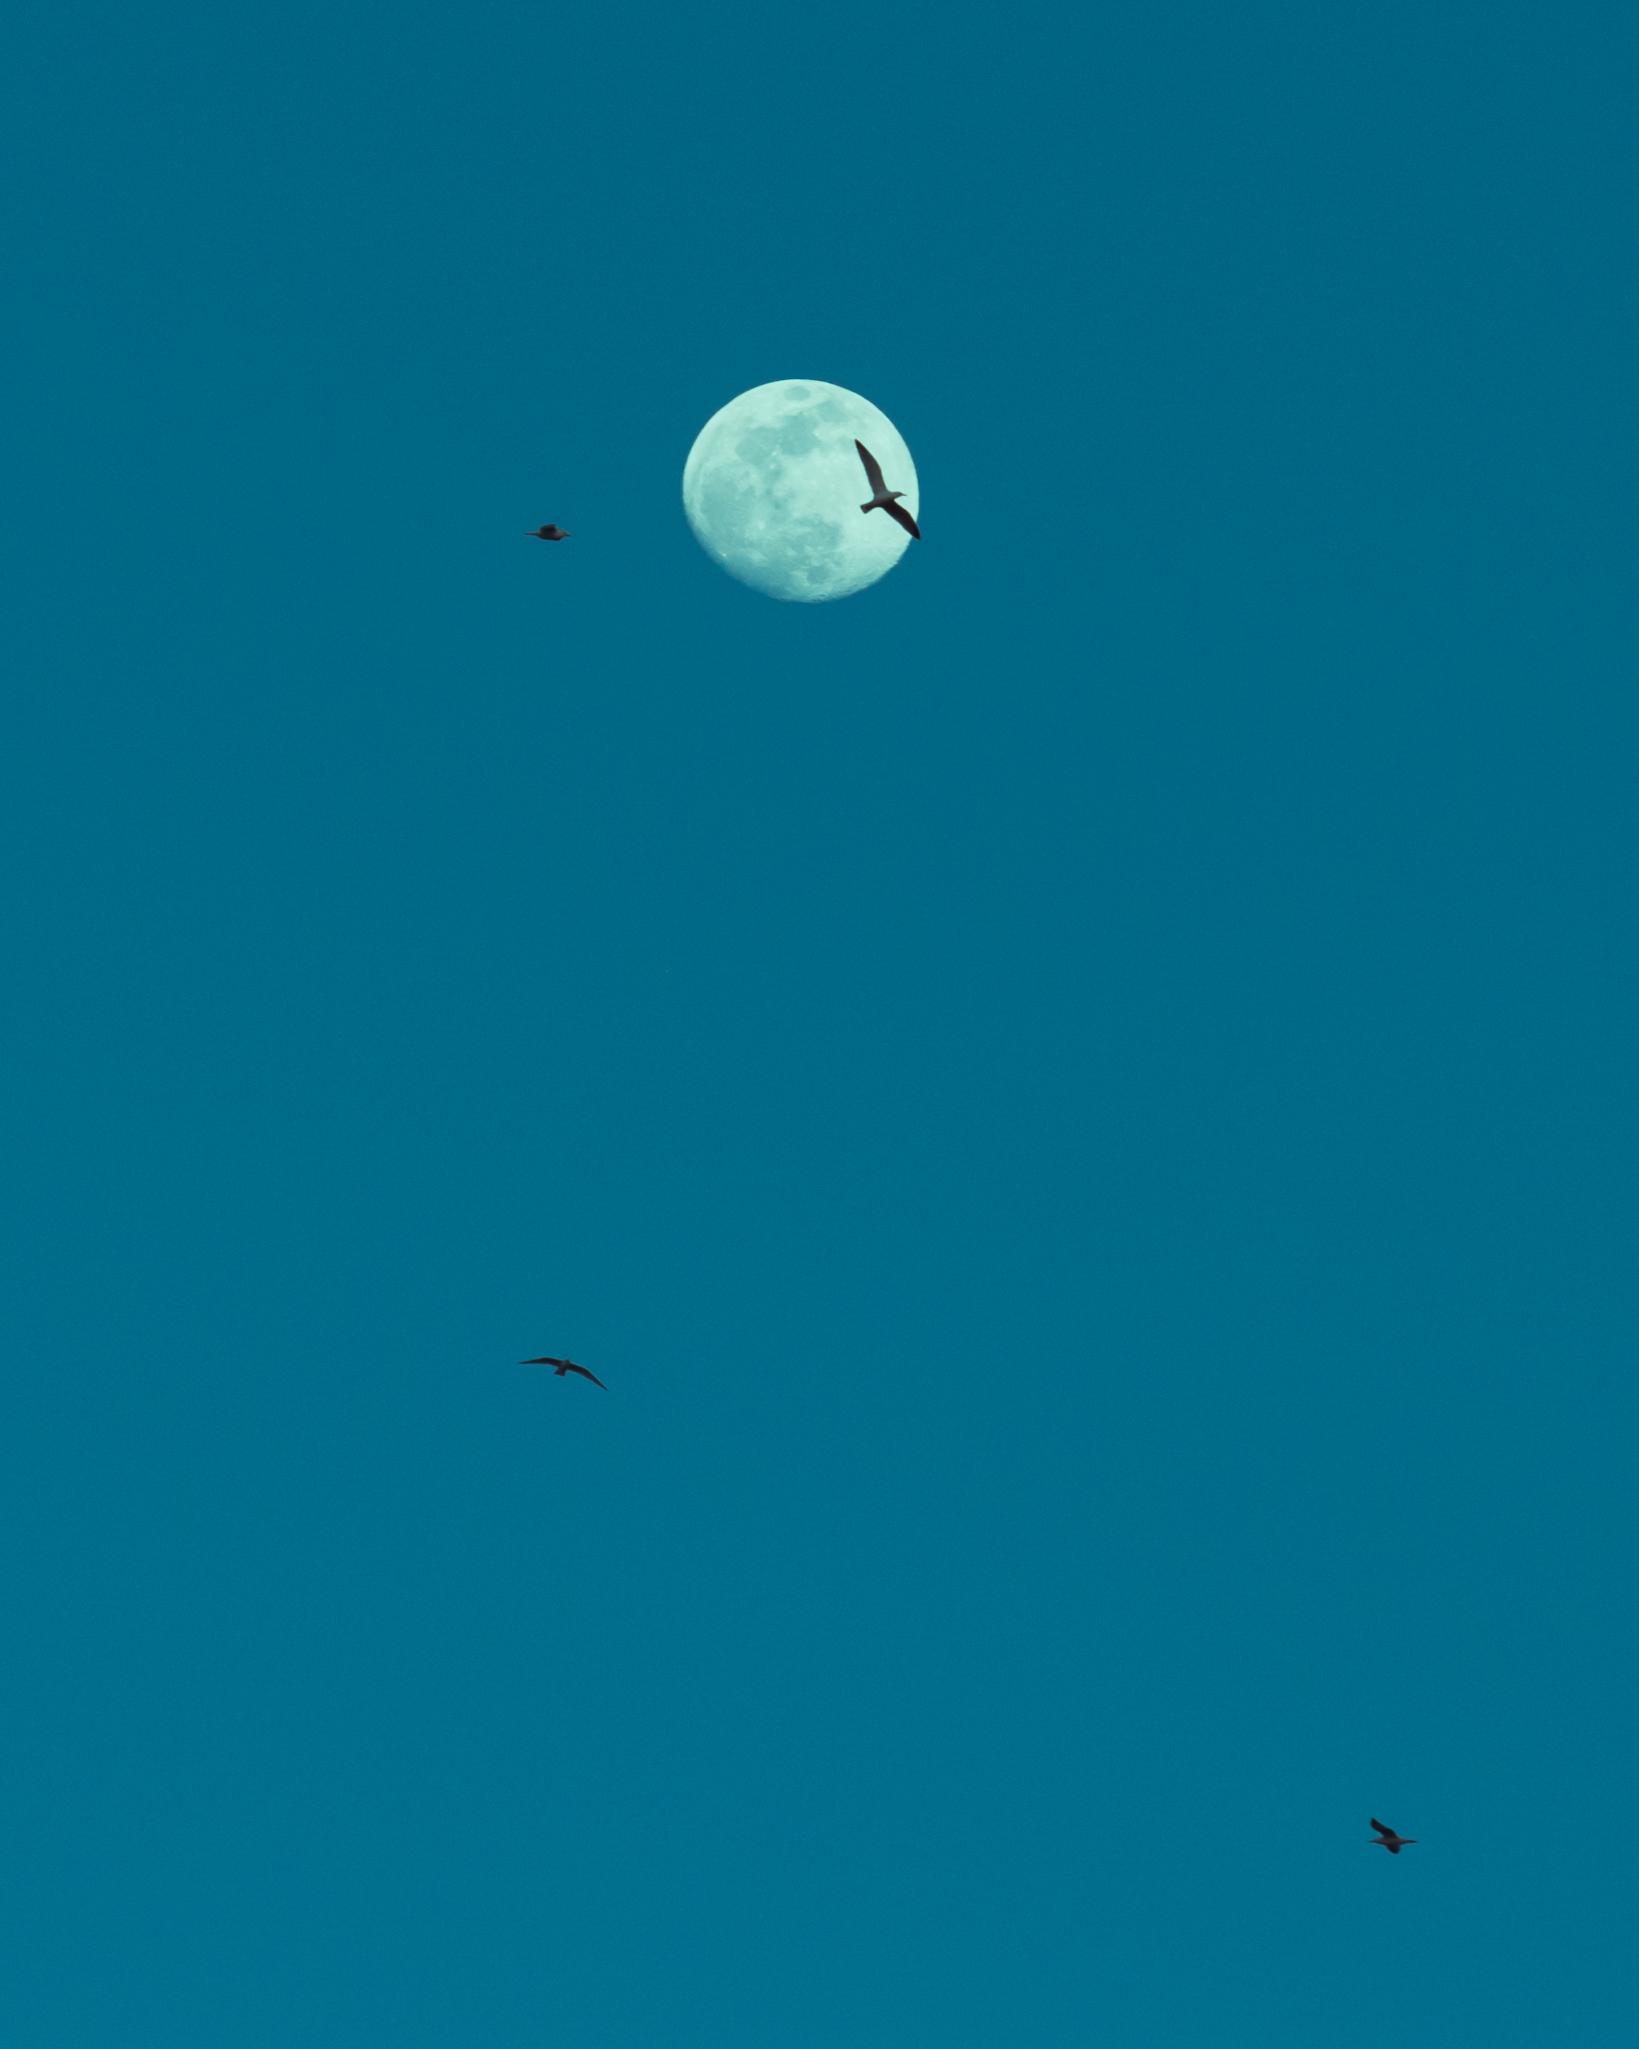 Lazily Grazing a Blue Moon - Joe Swiggum